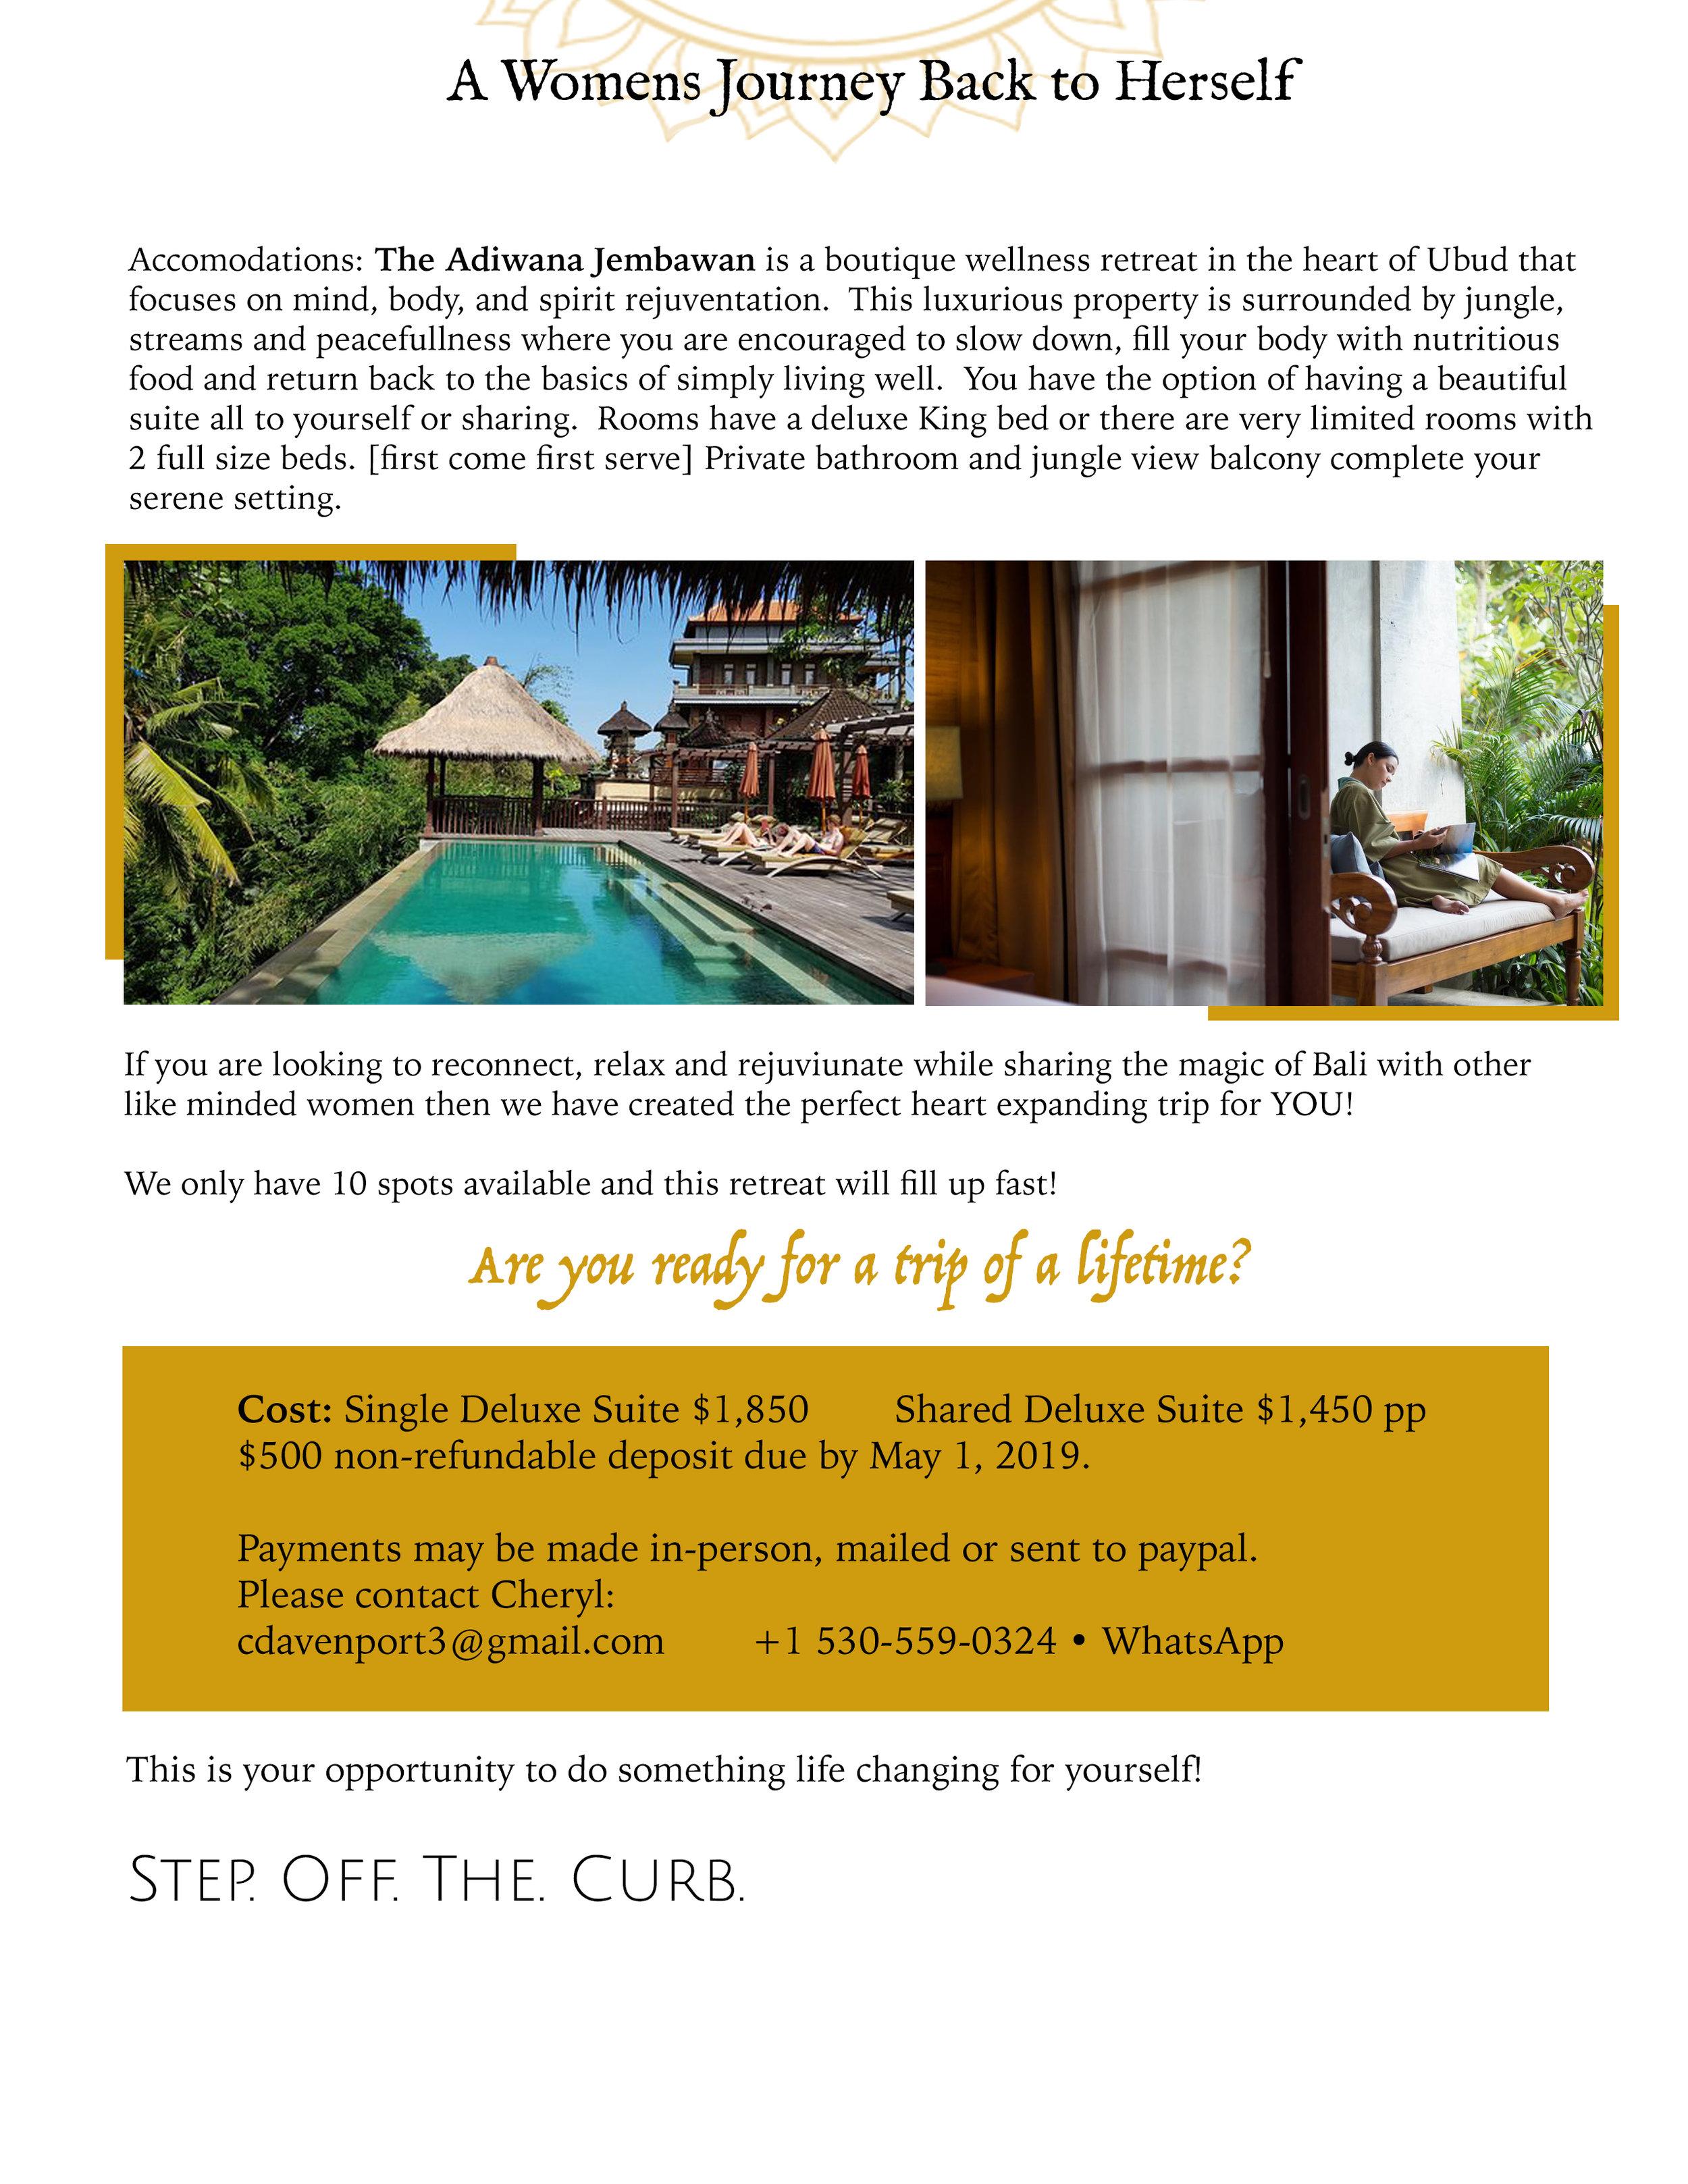 Bali_page3_REVISED.jpg